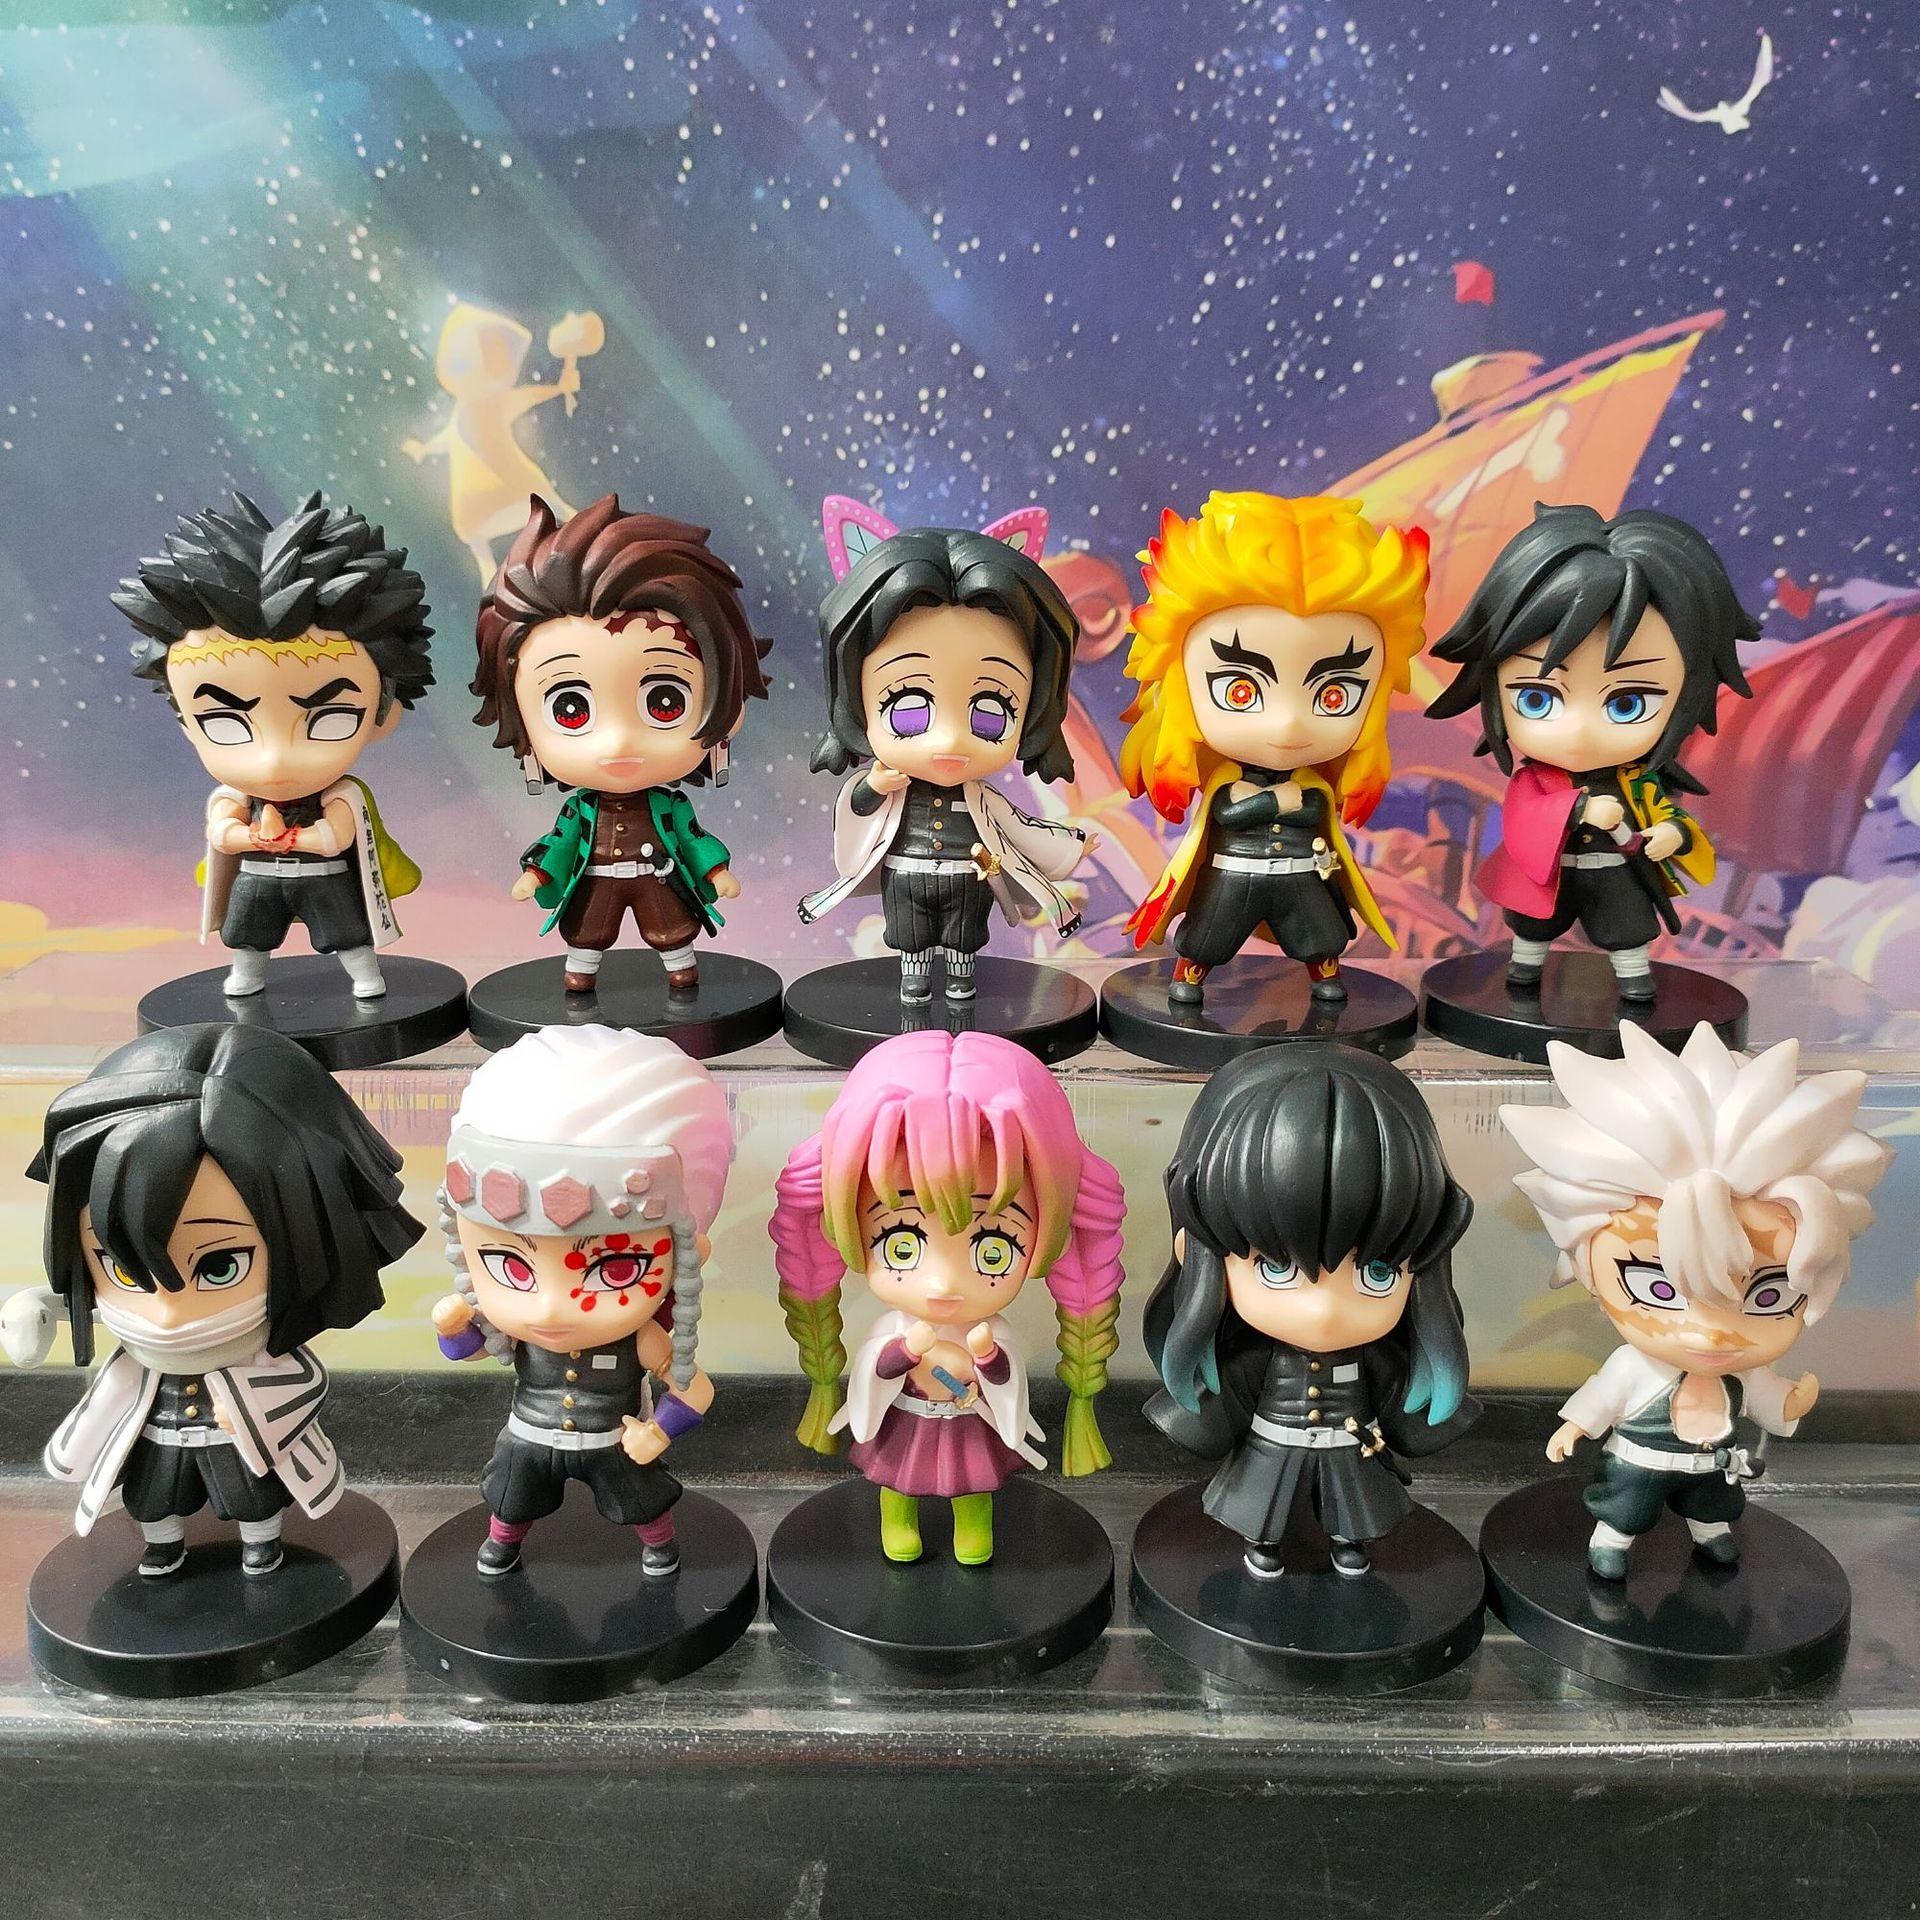 แพงกว่า แต่ดีกว่า10pcs/set Demon Slayer action figure Kamado Tanjirou/Kochou Shinobu/ Kamado NezukoFLB s388